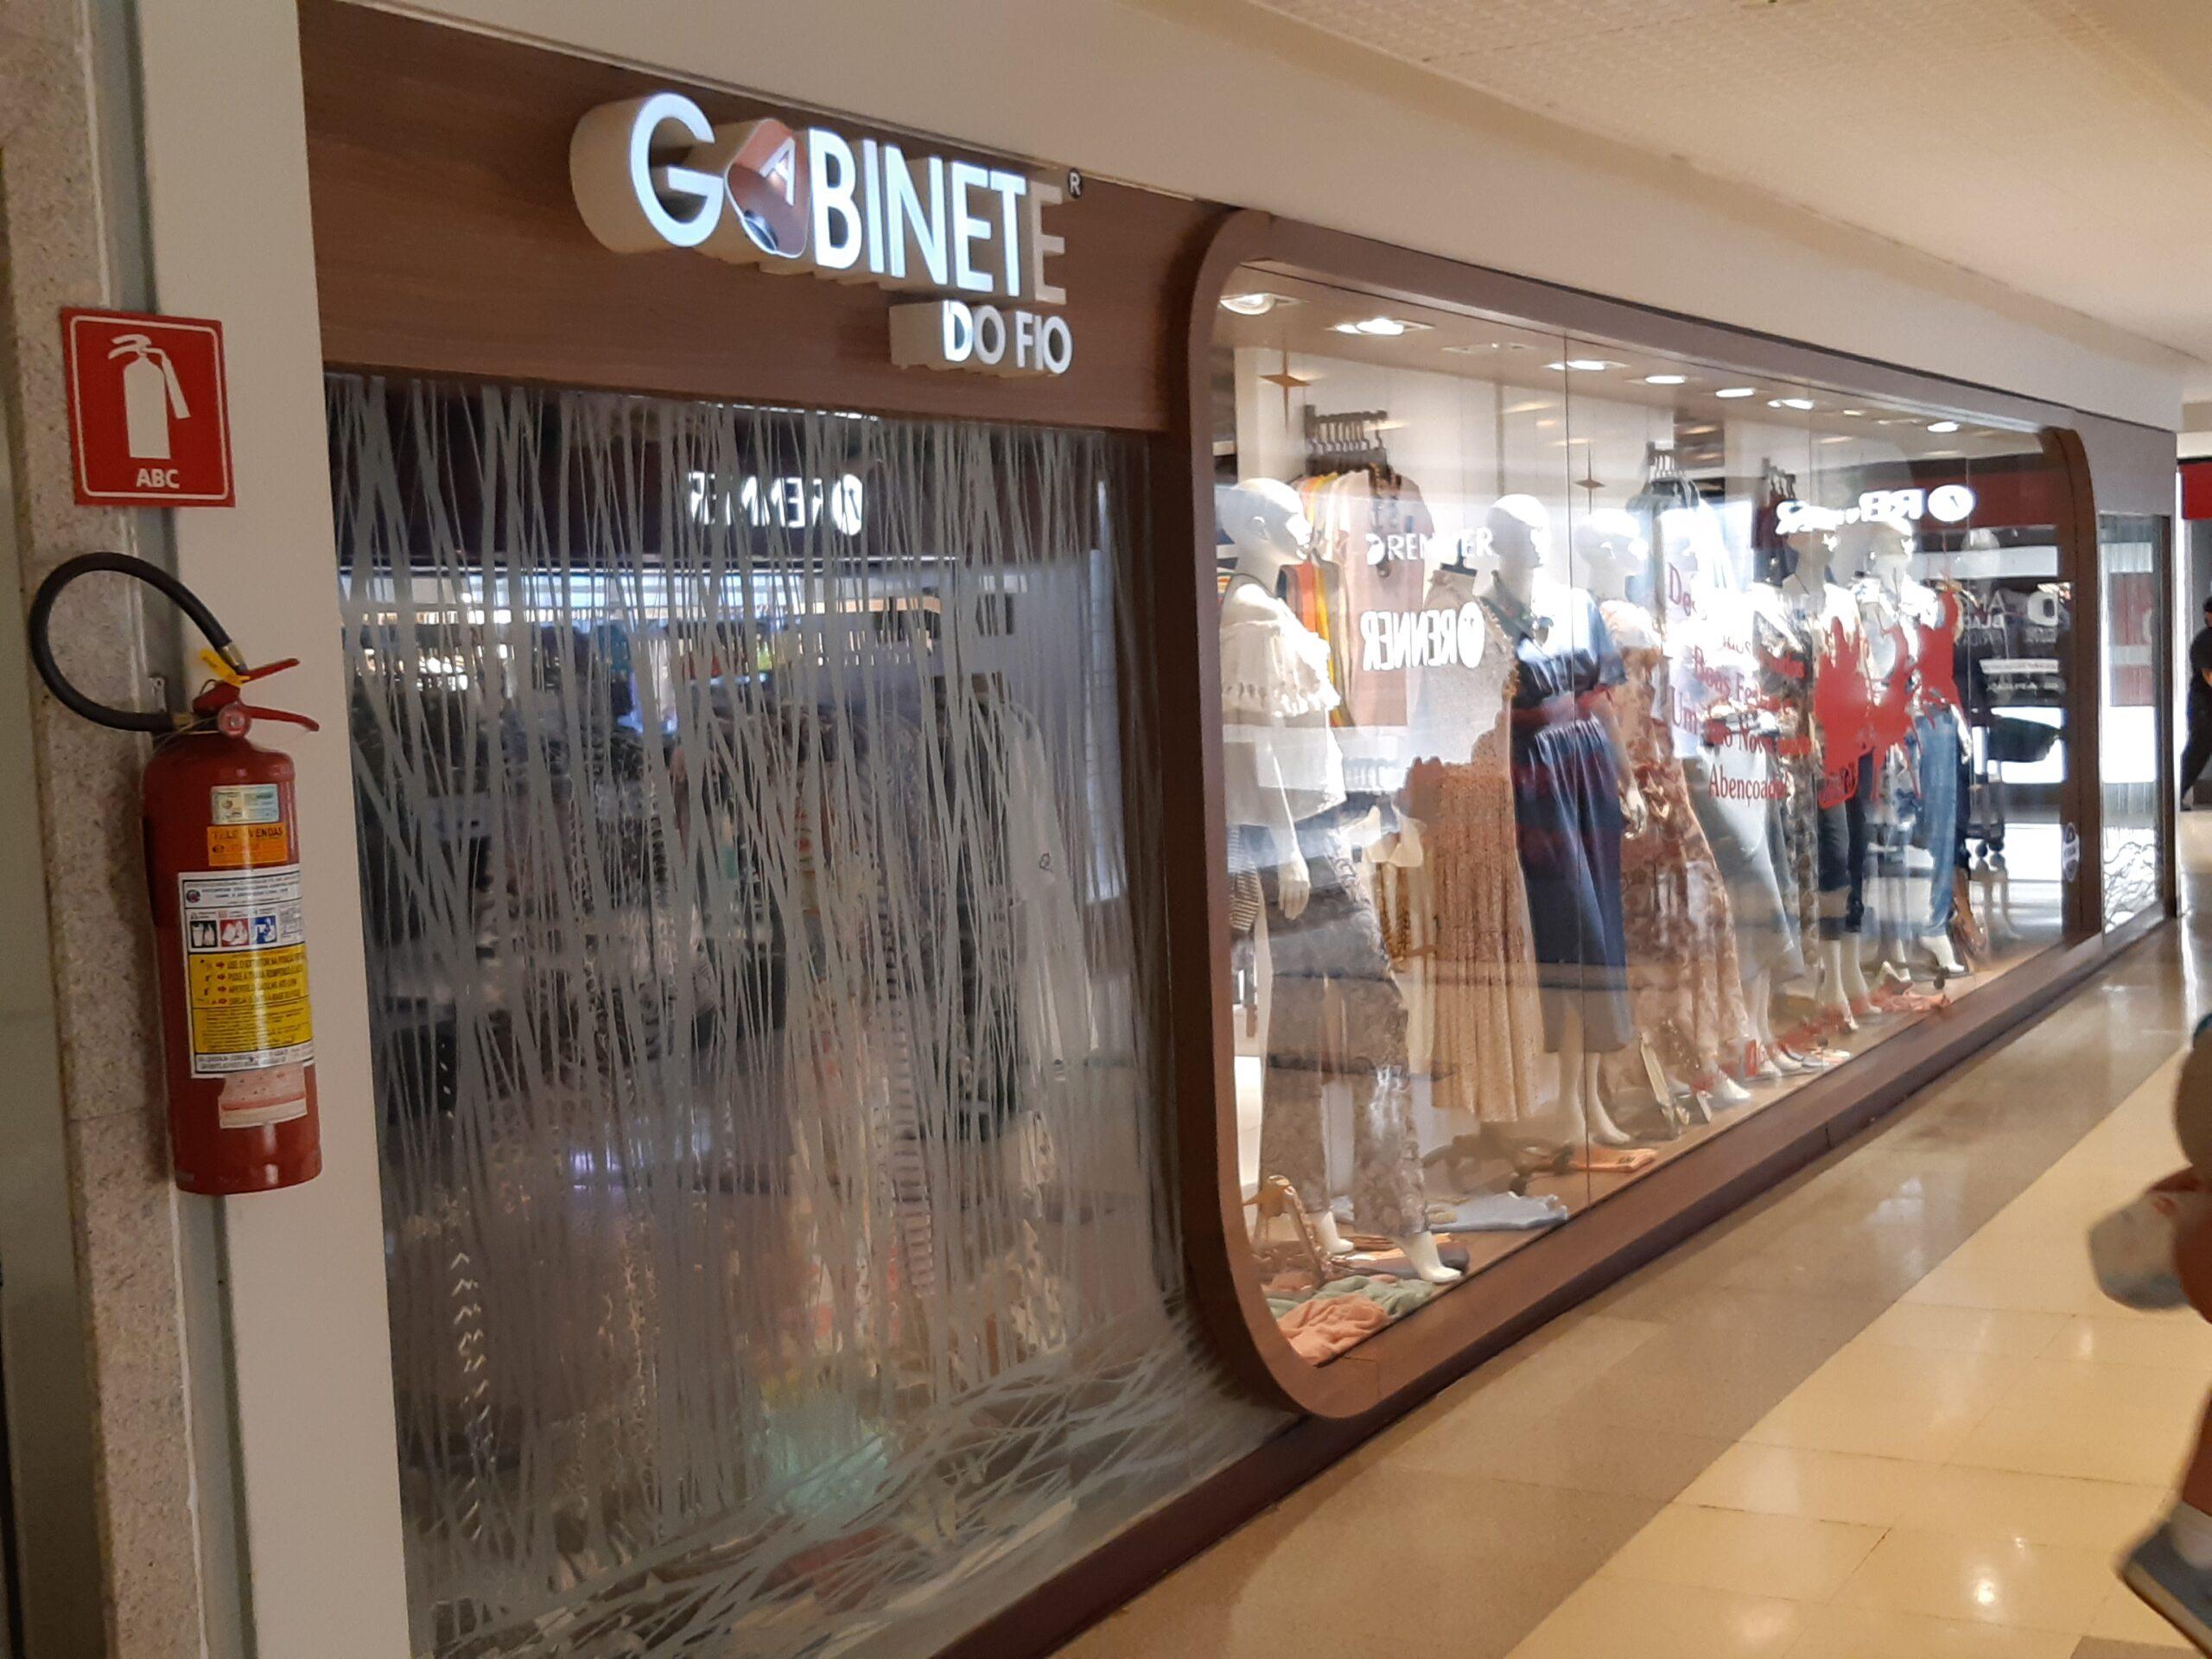 Gabinete do Fio do Shopping Conjunto Nacional, 2º Piso